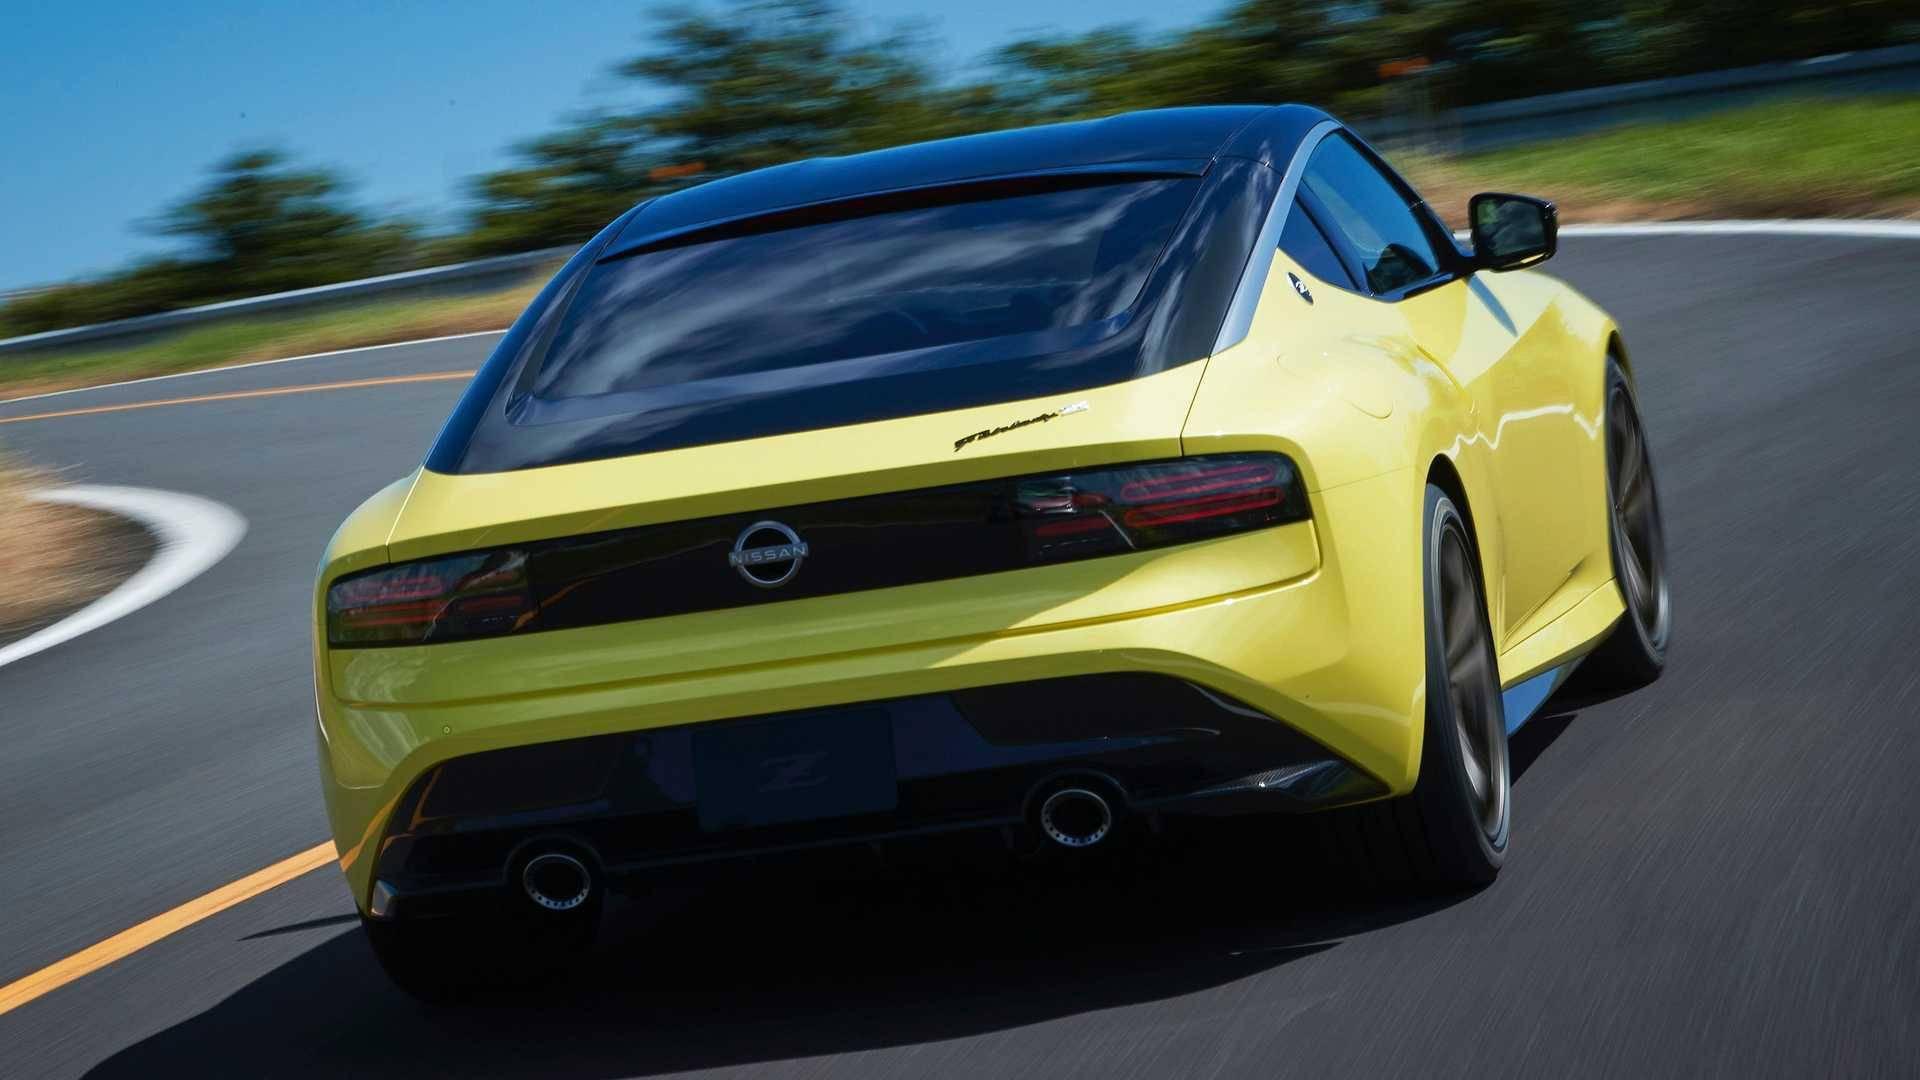 經典元素加身 全新日產Z跑車量產版8月17日亮相